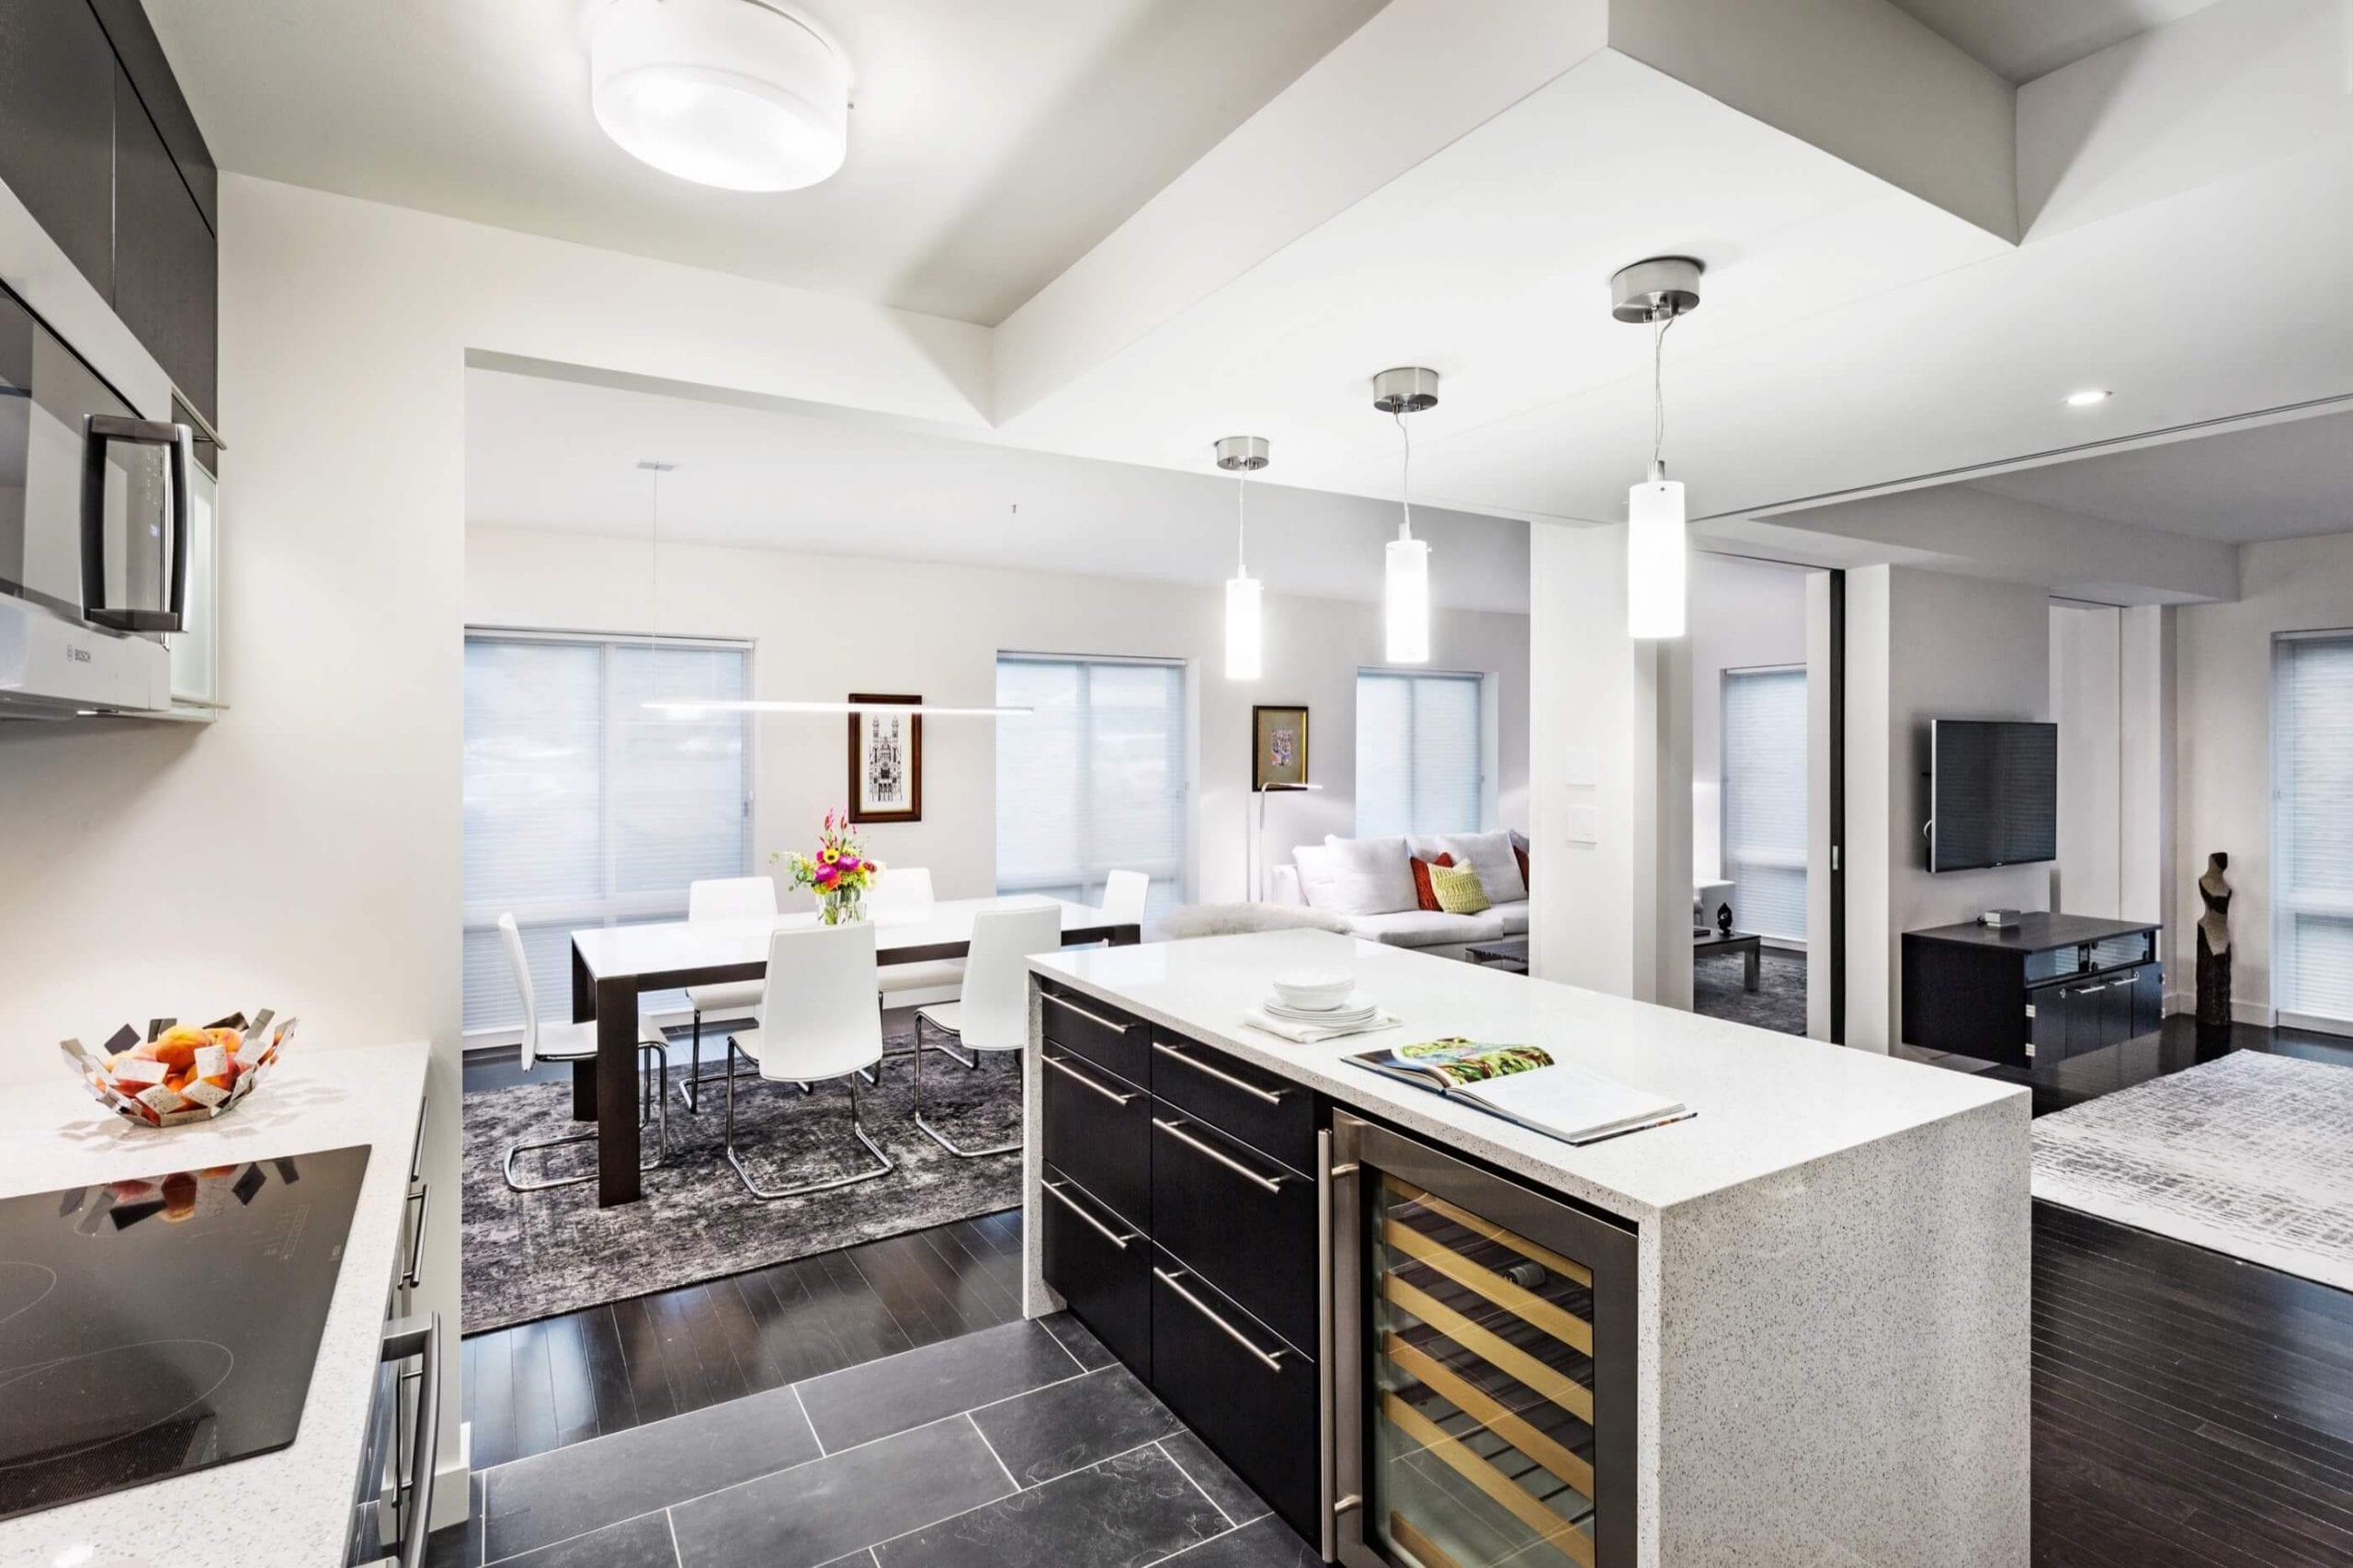 Purvis Builders | Custom Homes & Remodels in Knoxville